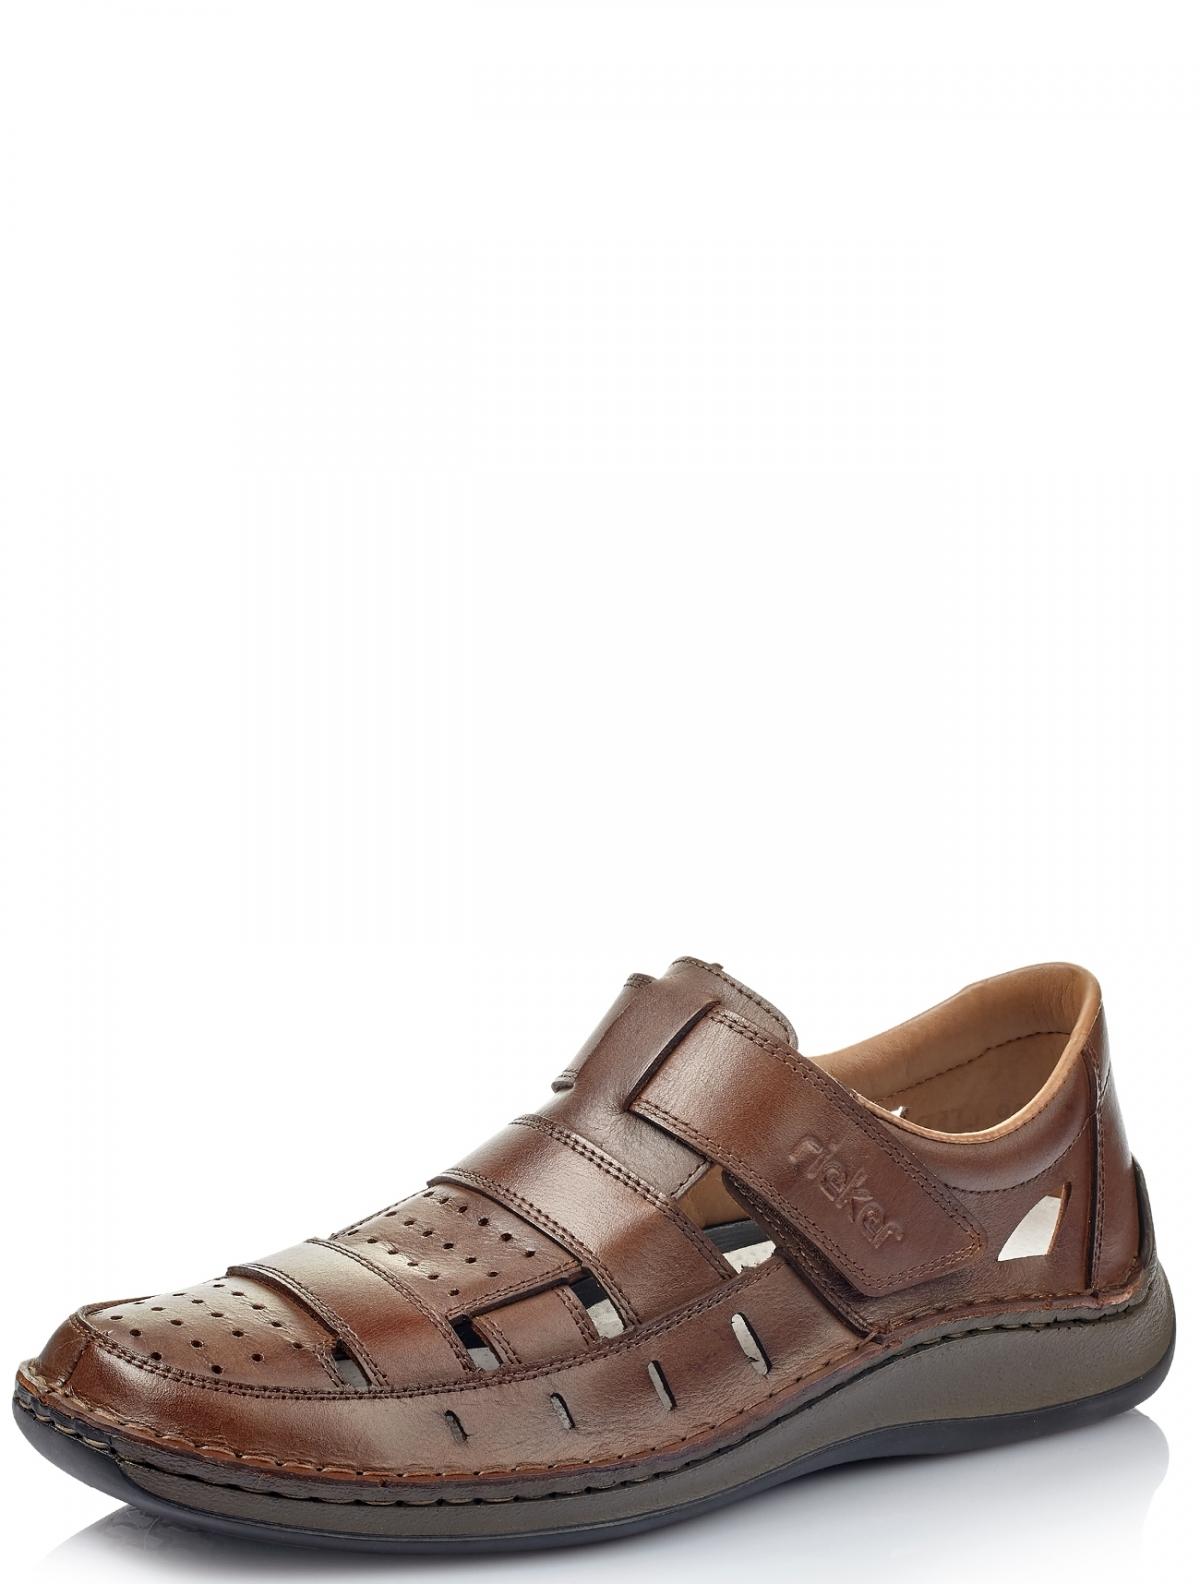 Rieker 05268-25 мужские туфли